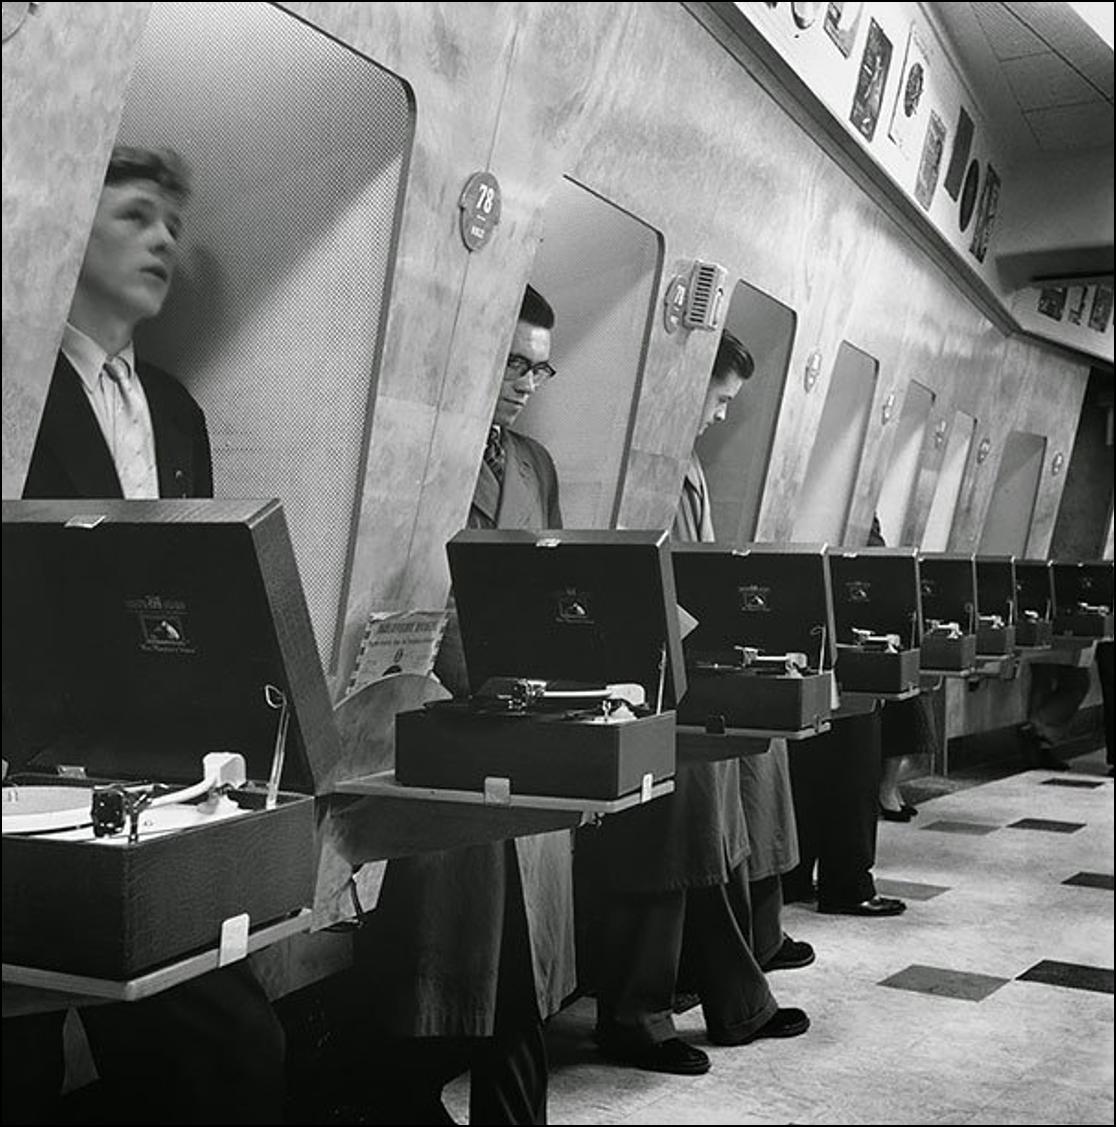 Покупатели пластинок в Лондонском муз. магазине, 1955 Историческая фотография, история, факты